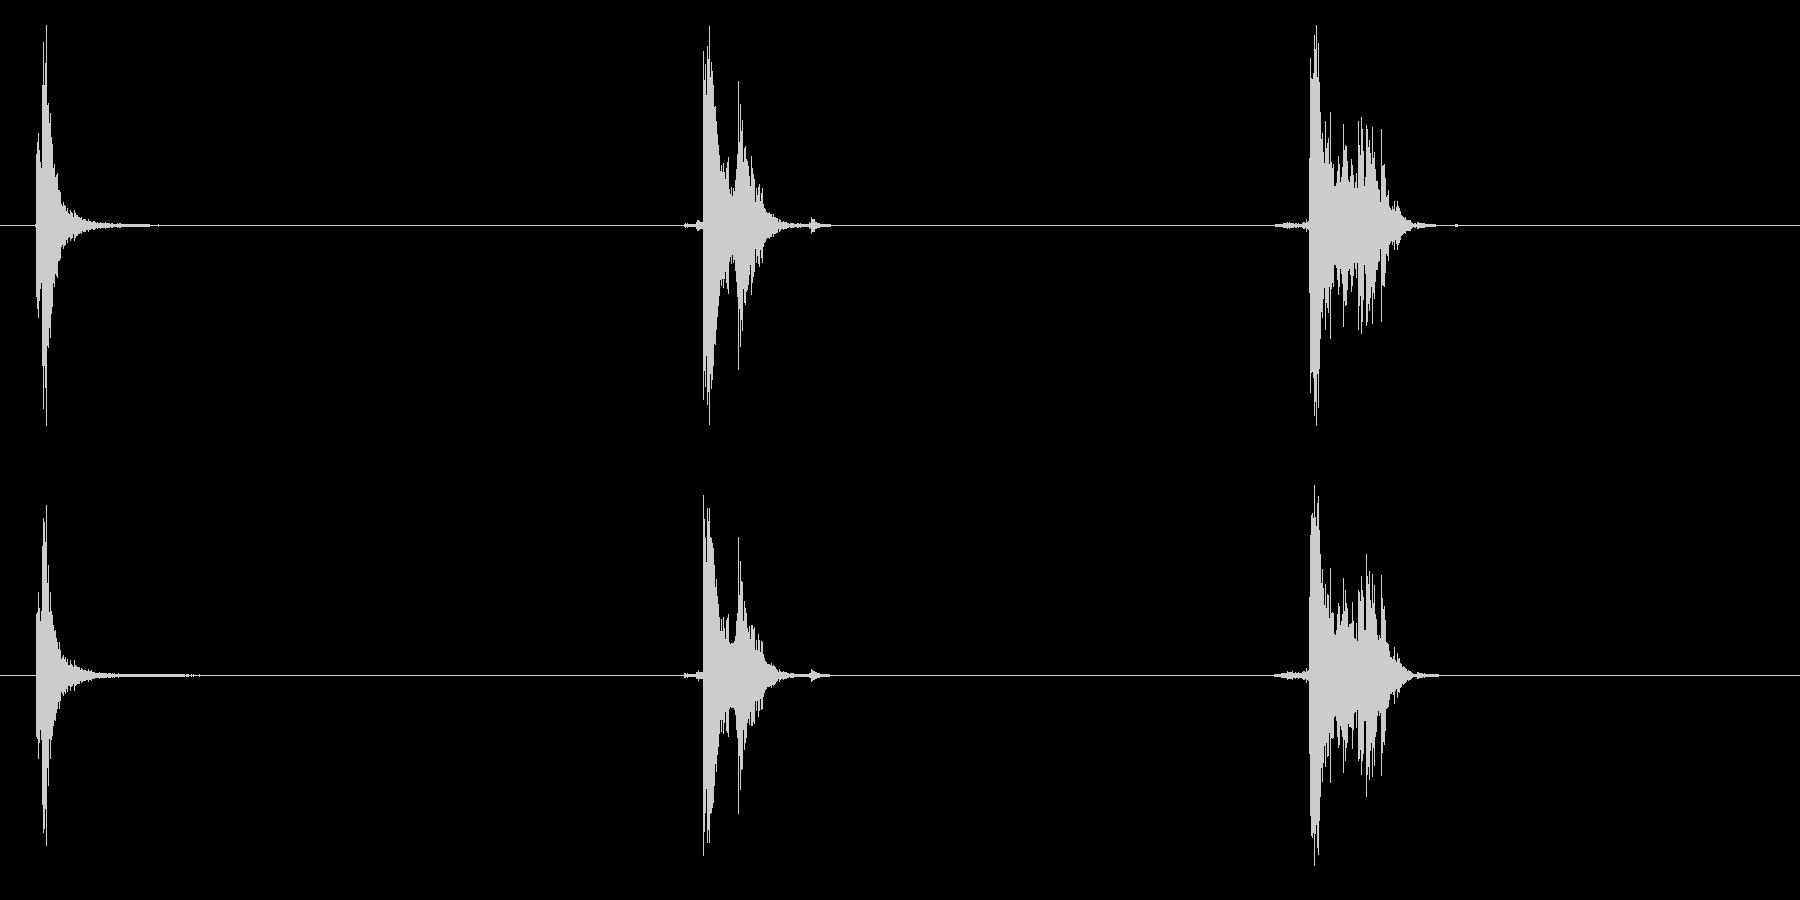 シャベル、金属、ドロップx3の未再生の波形